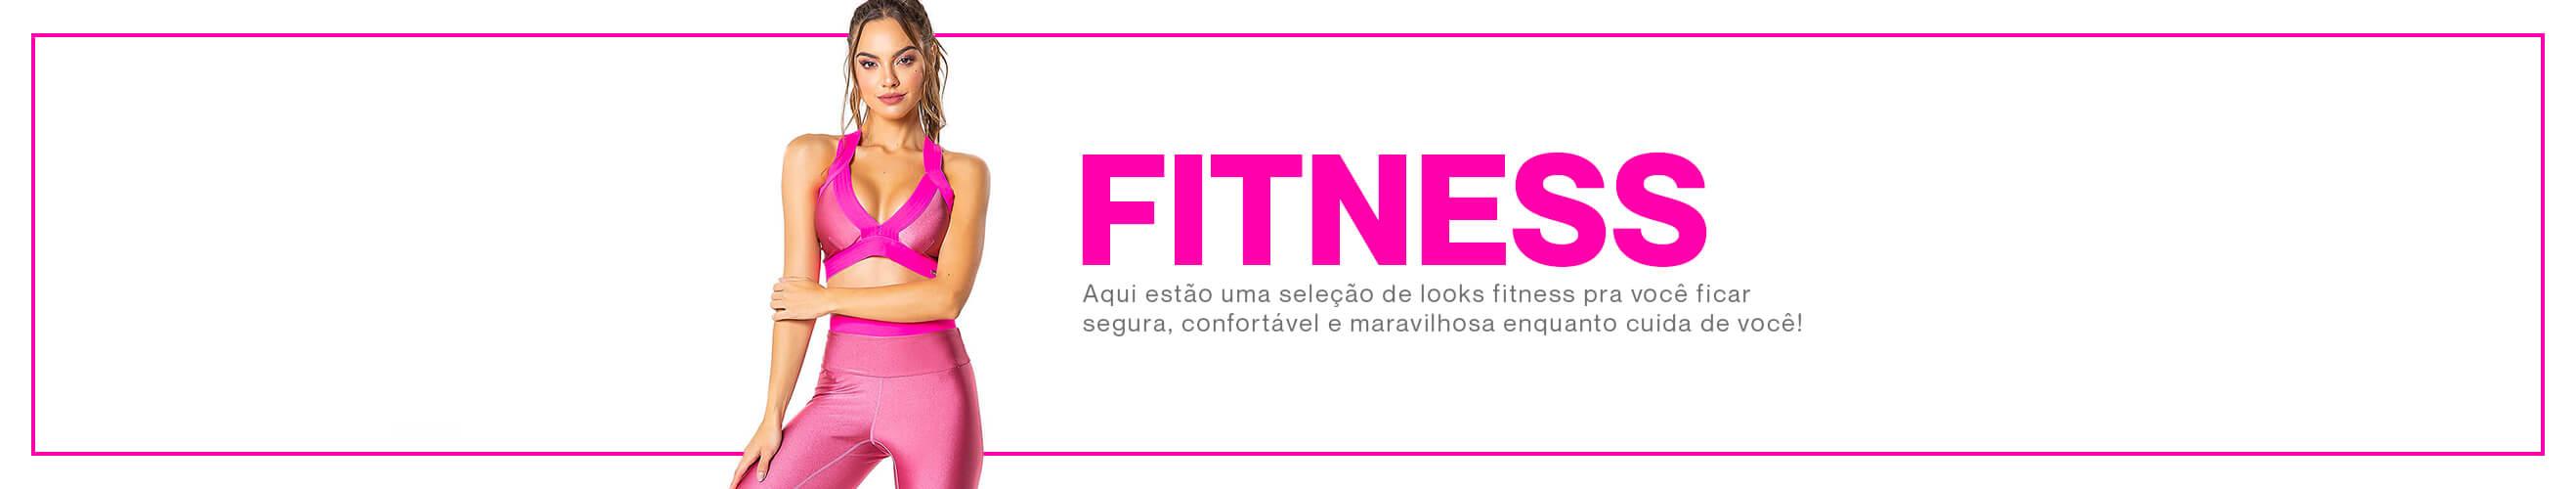 Banner desktop - Fitness